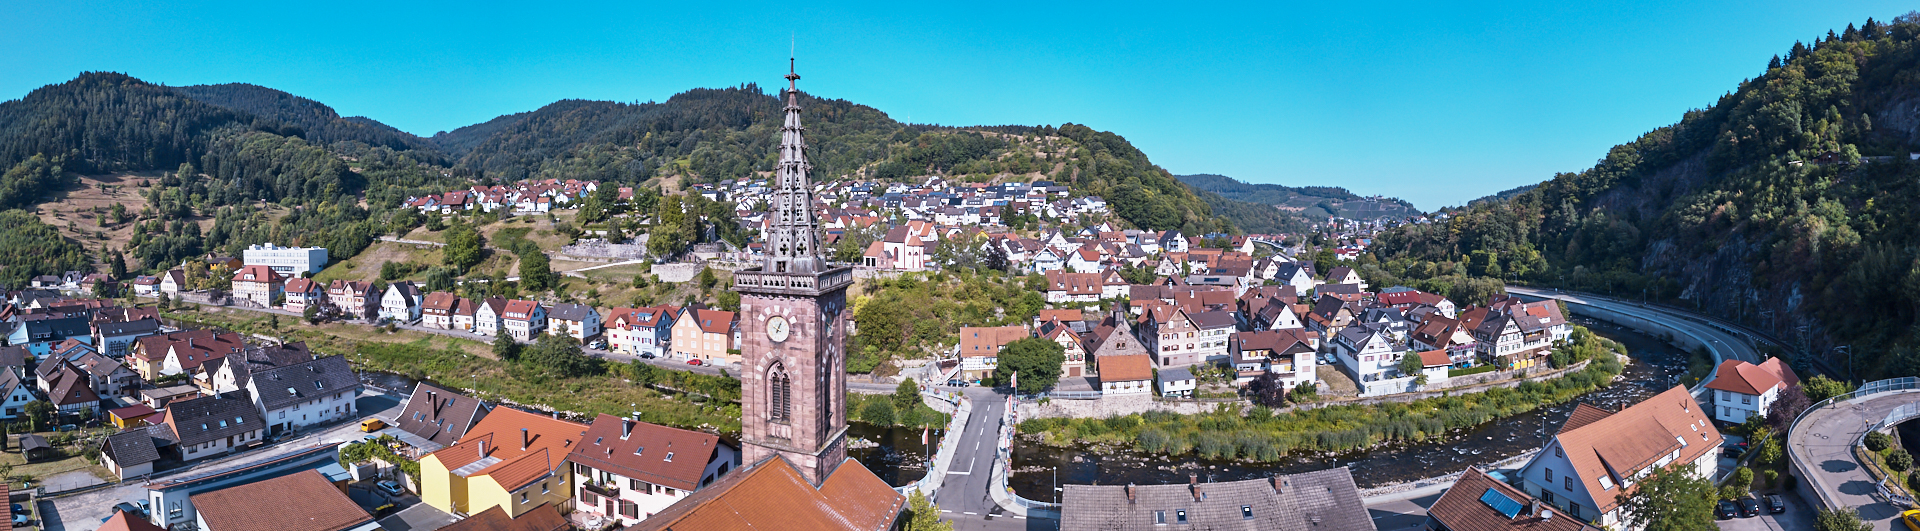 Weisenbach Luftaufnahme